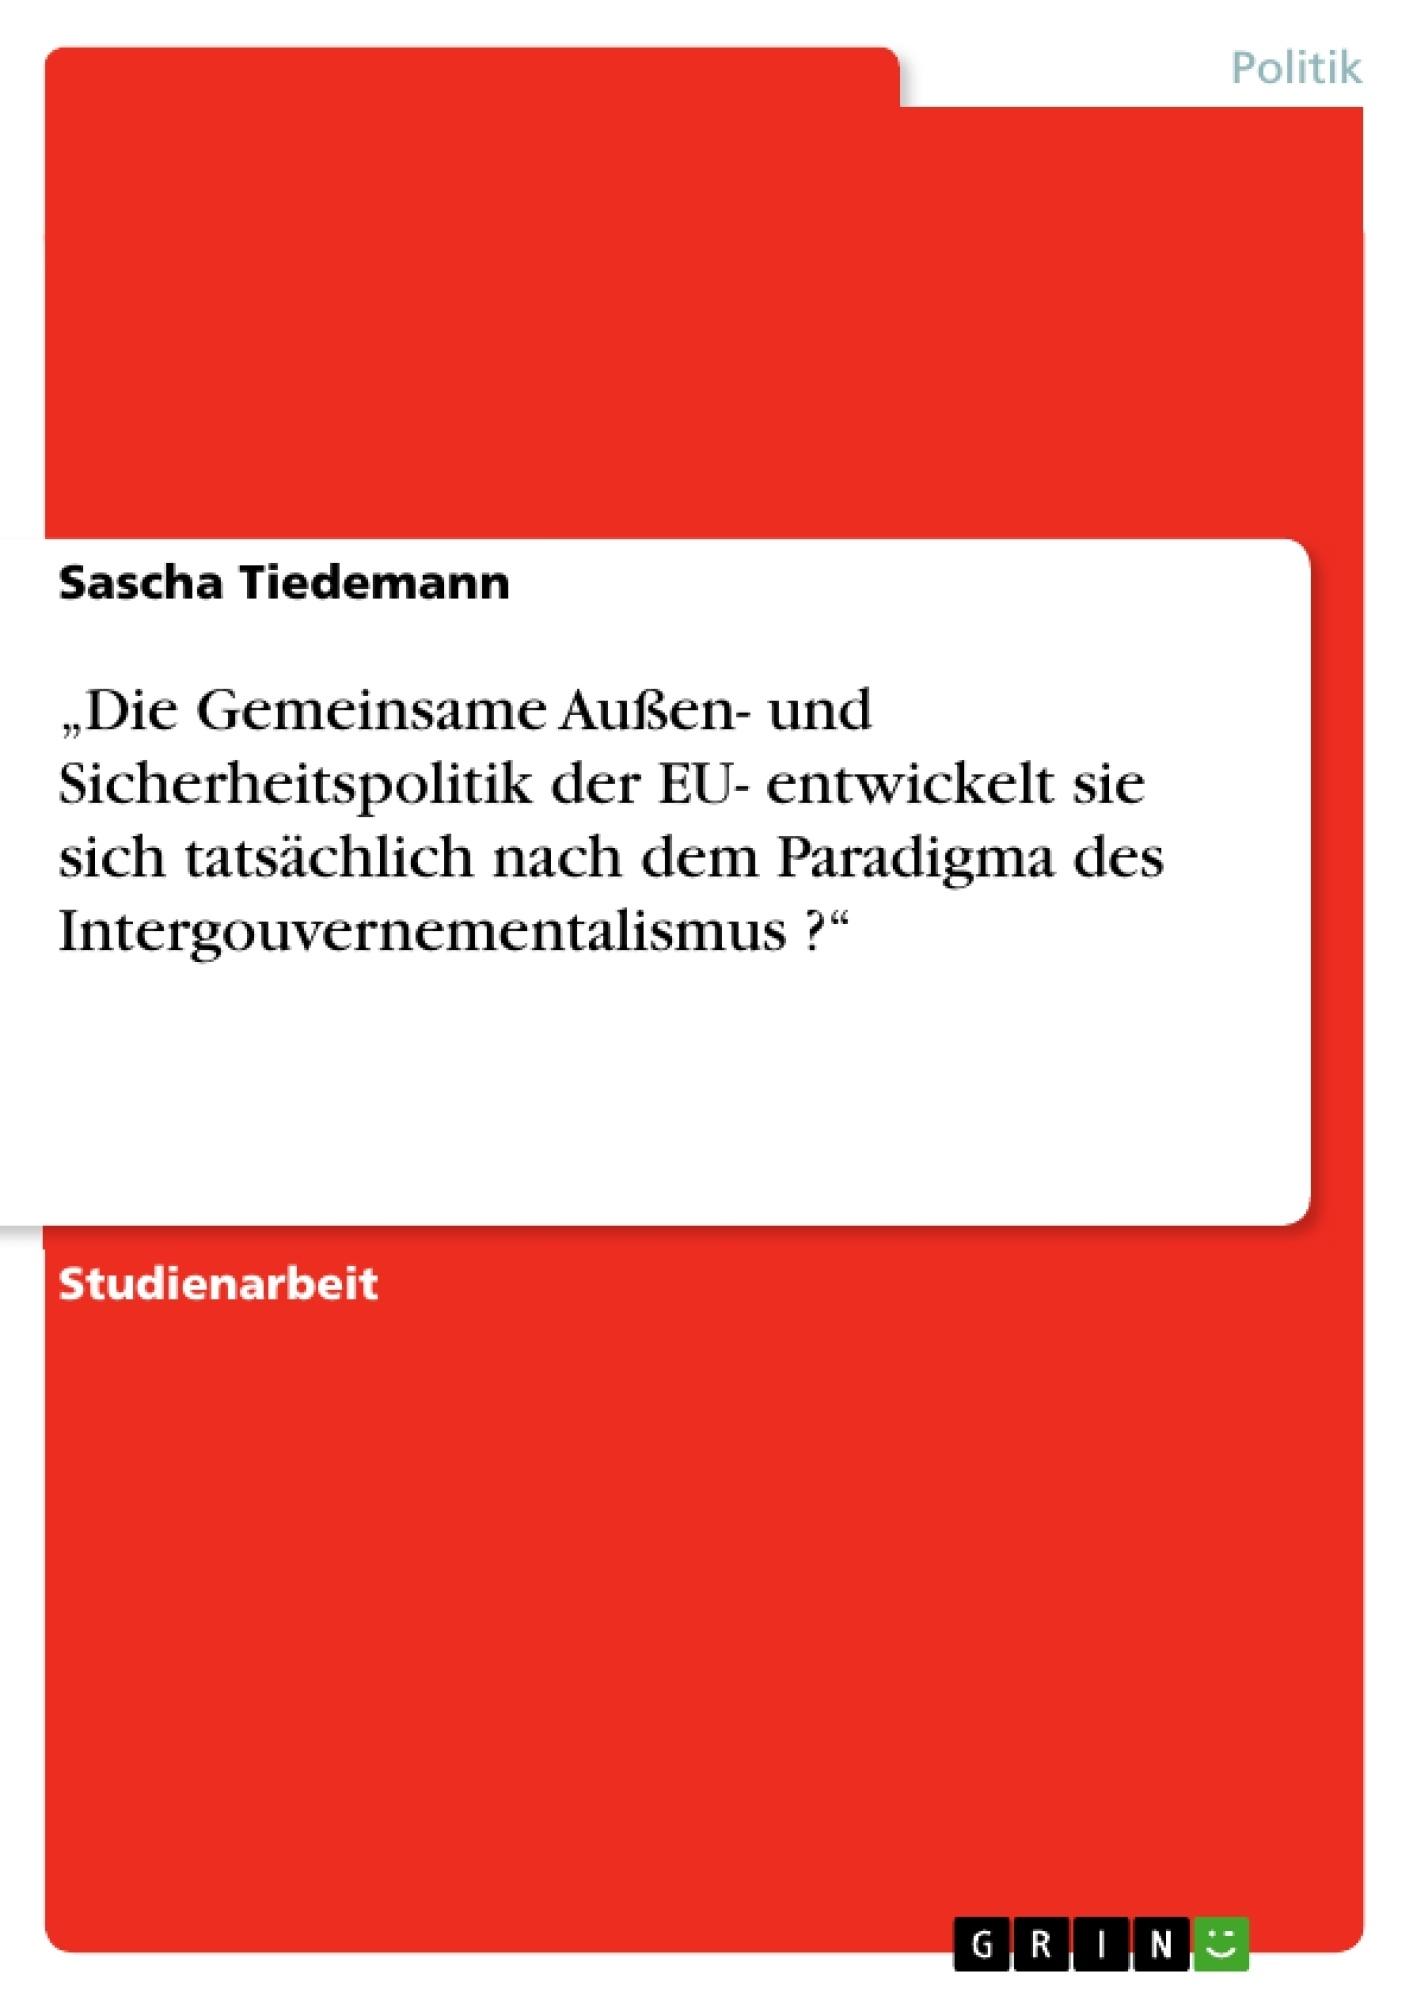 """Titel: """"Die Gemeinsame Außen- und Sicherheitspolitik der EU- entwickelt sie sich tatsächlich nach dem Paradigma des Intergouvernementalismus ?"""""""